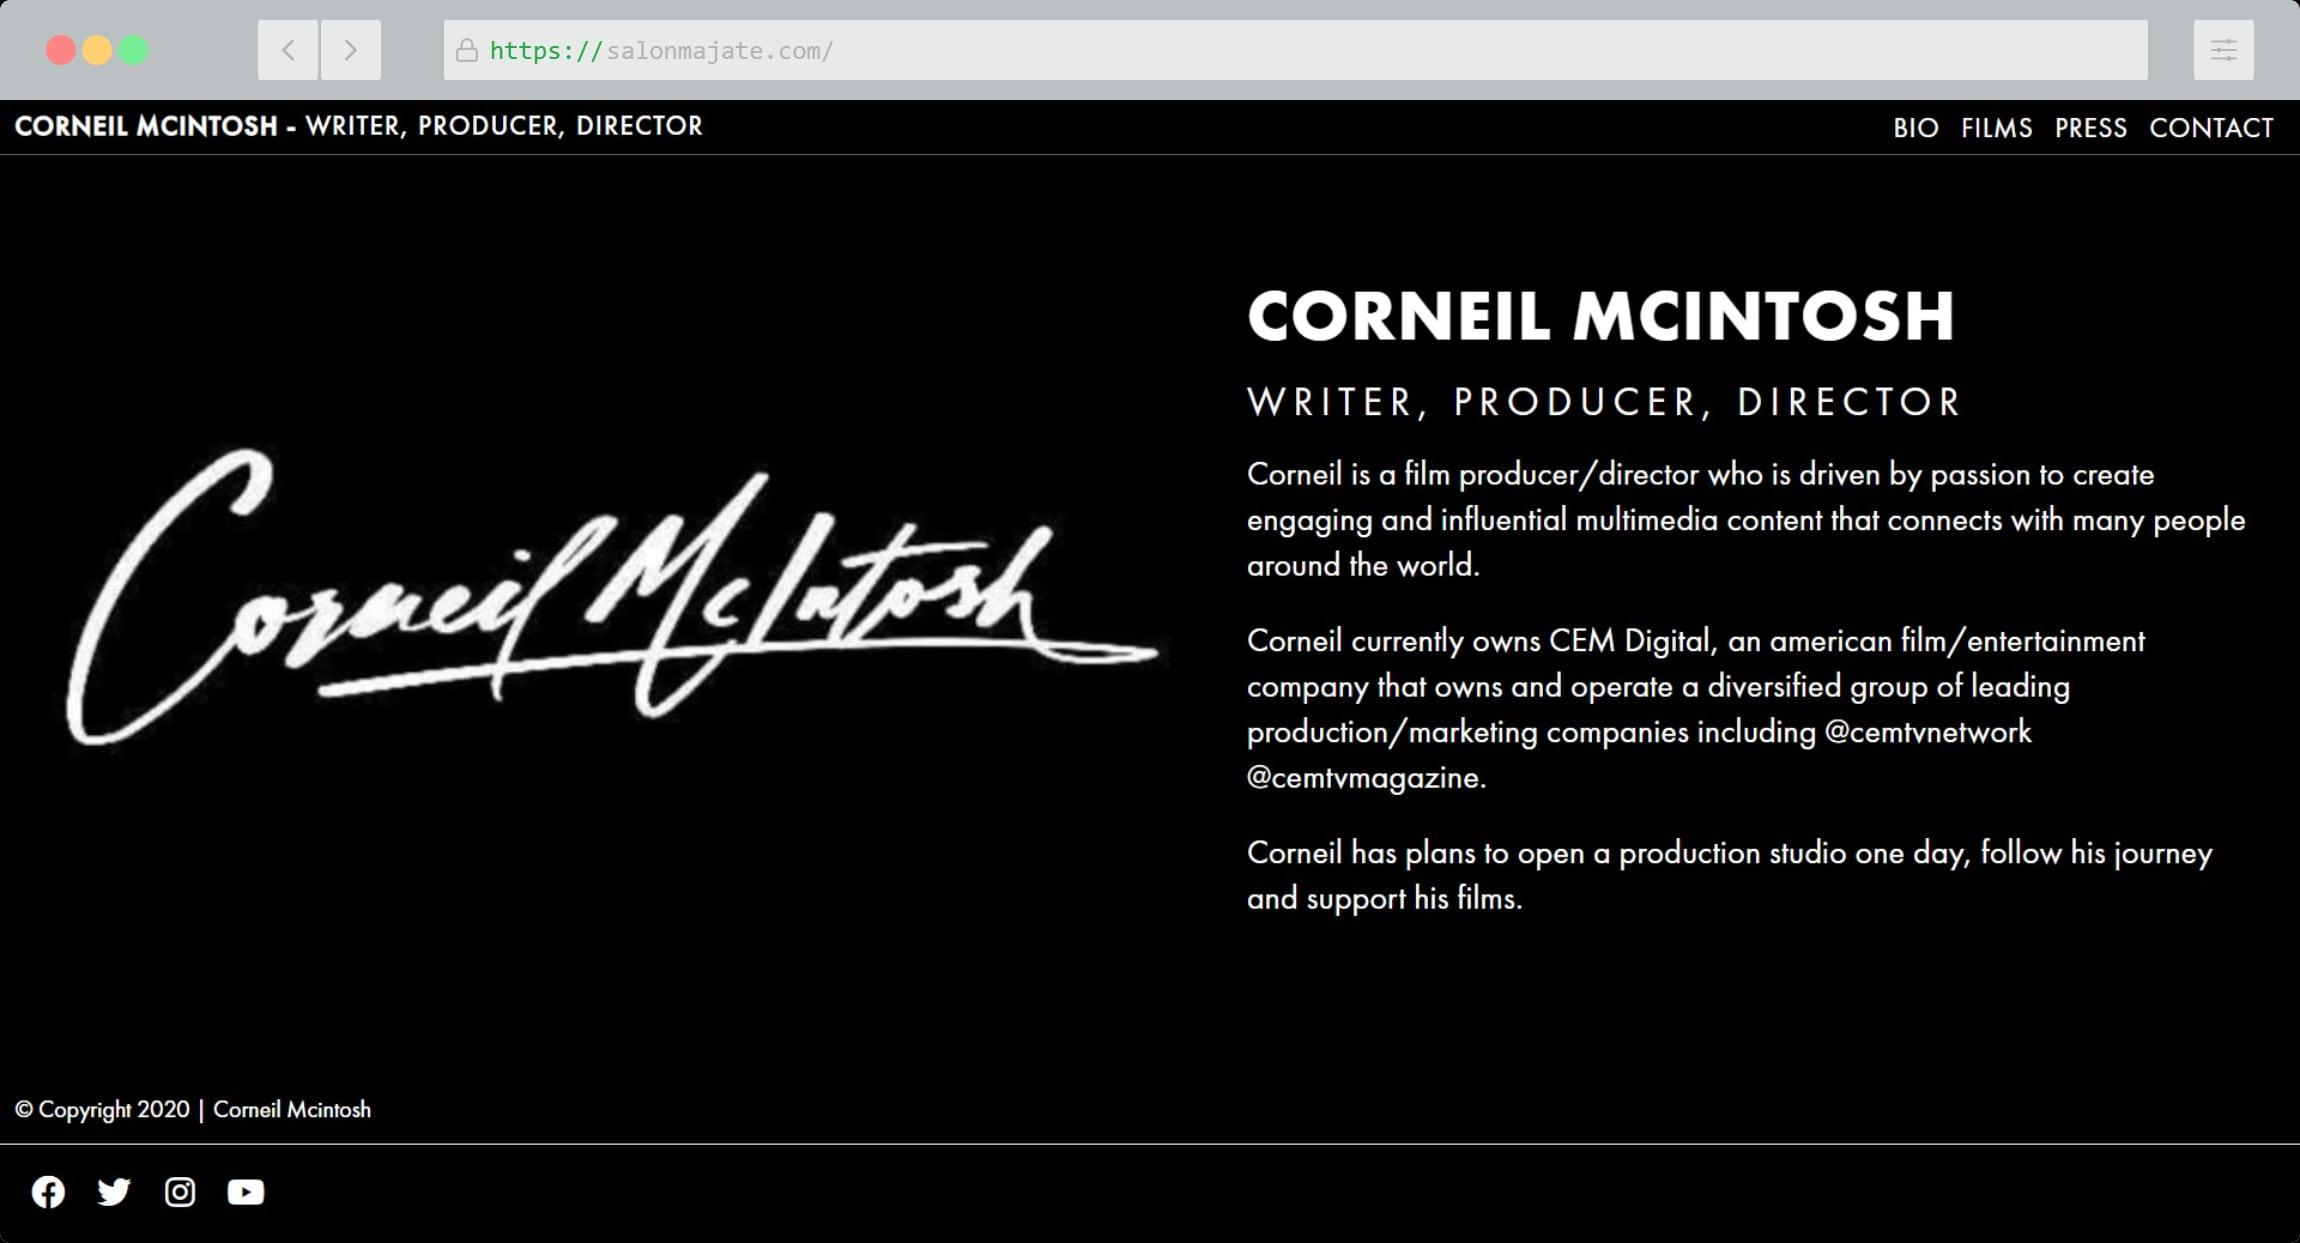 Corneil Mcintosh Website